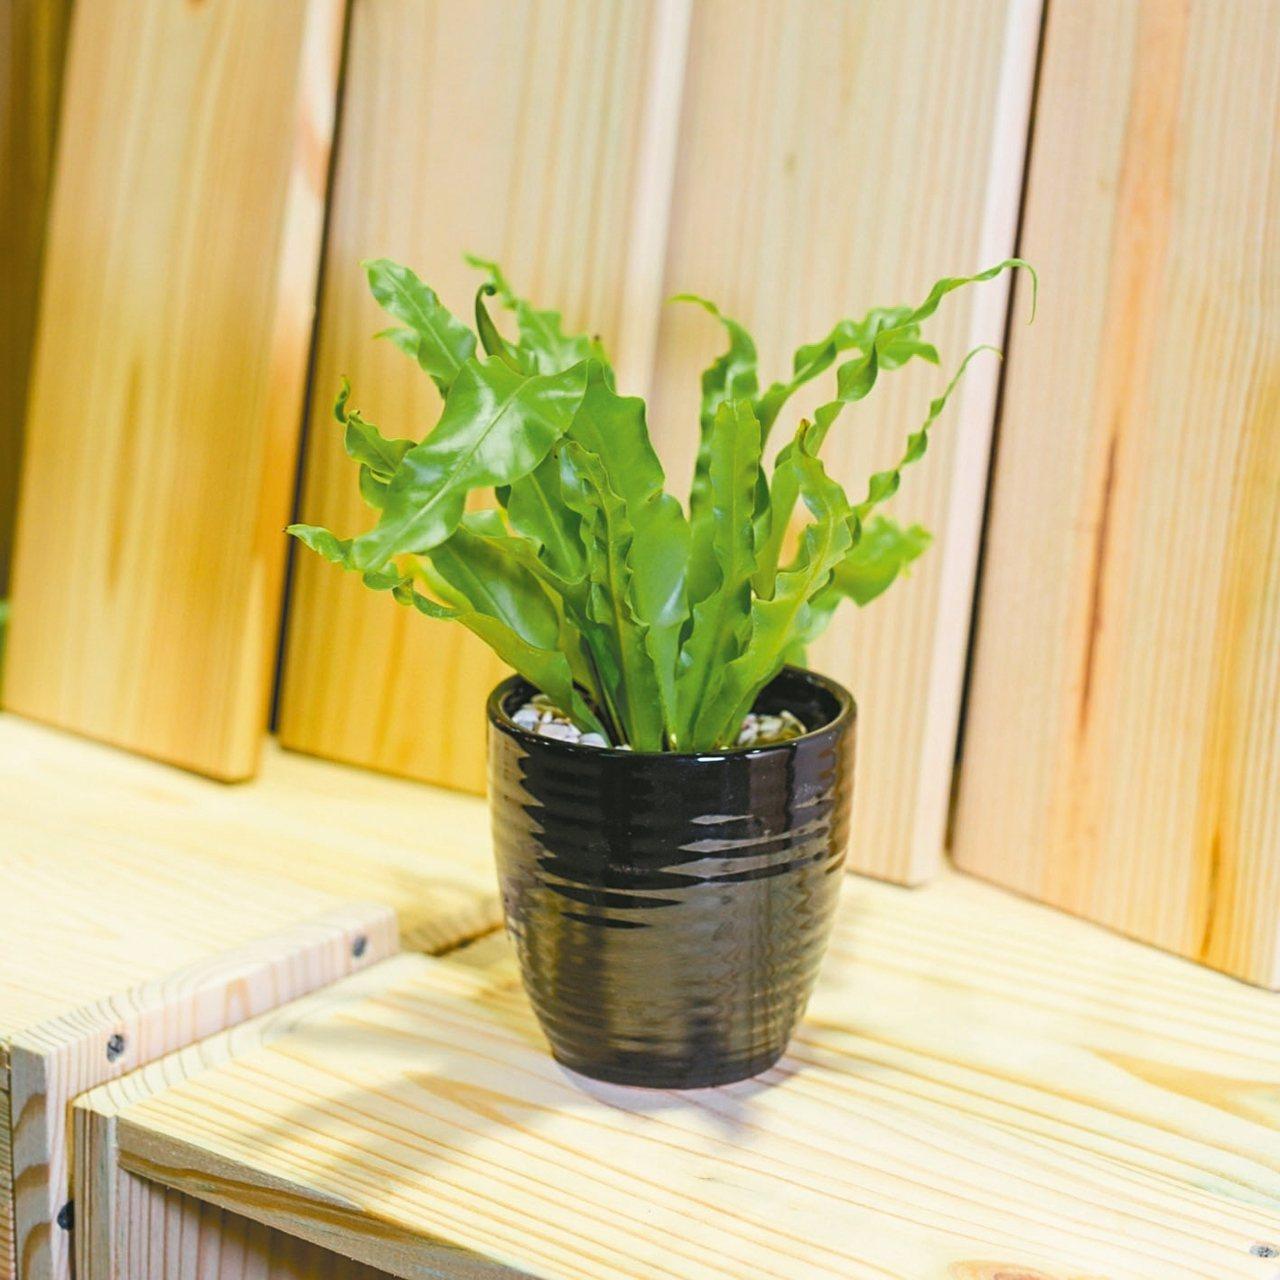 山蘇等是對揮發性有機化合物有淨化功效的植物,是零排碳的天然空氣清淨機,每盆售價9...